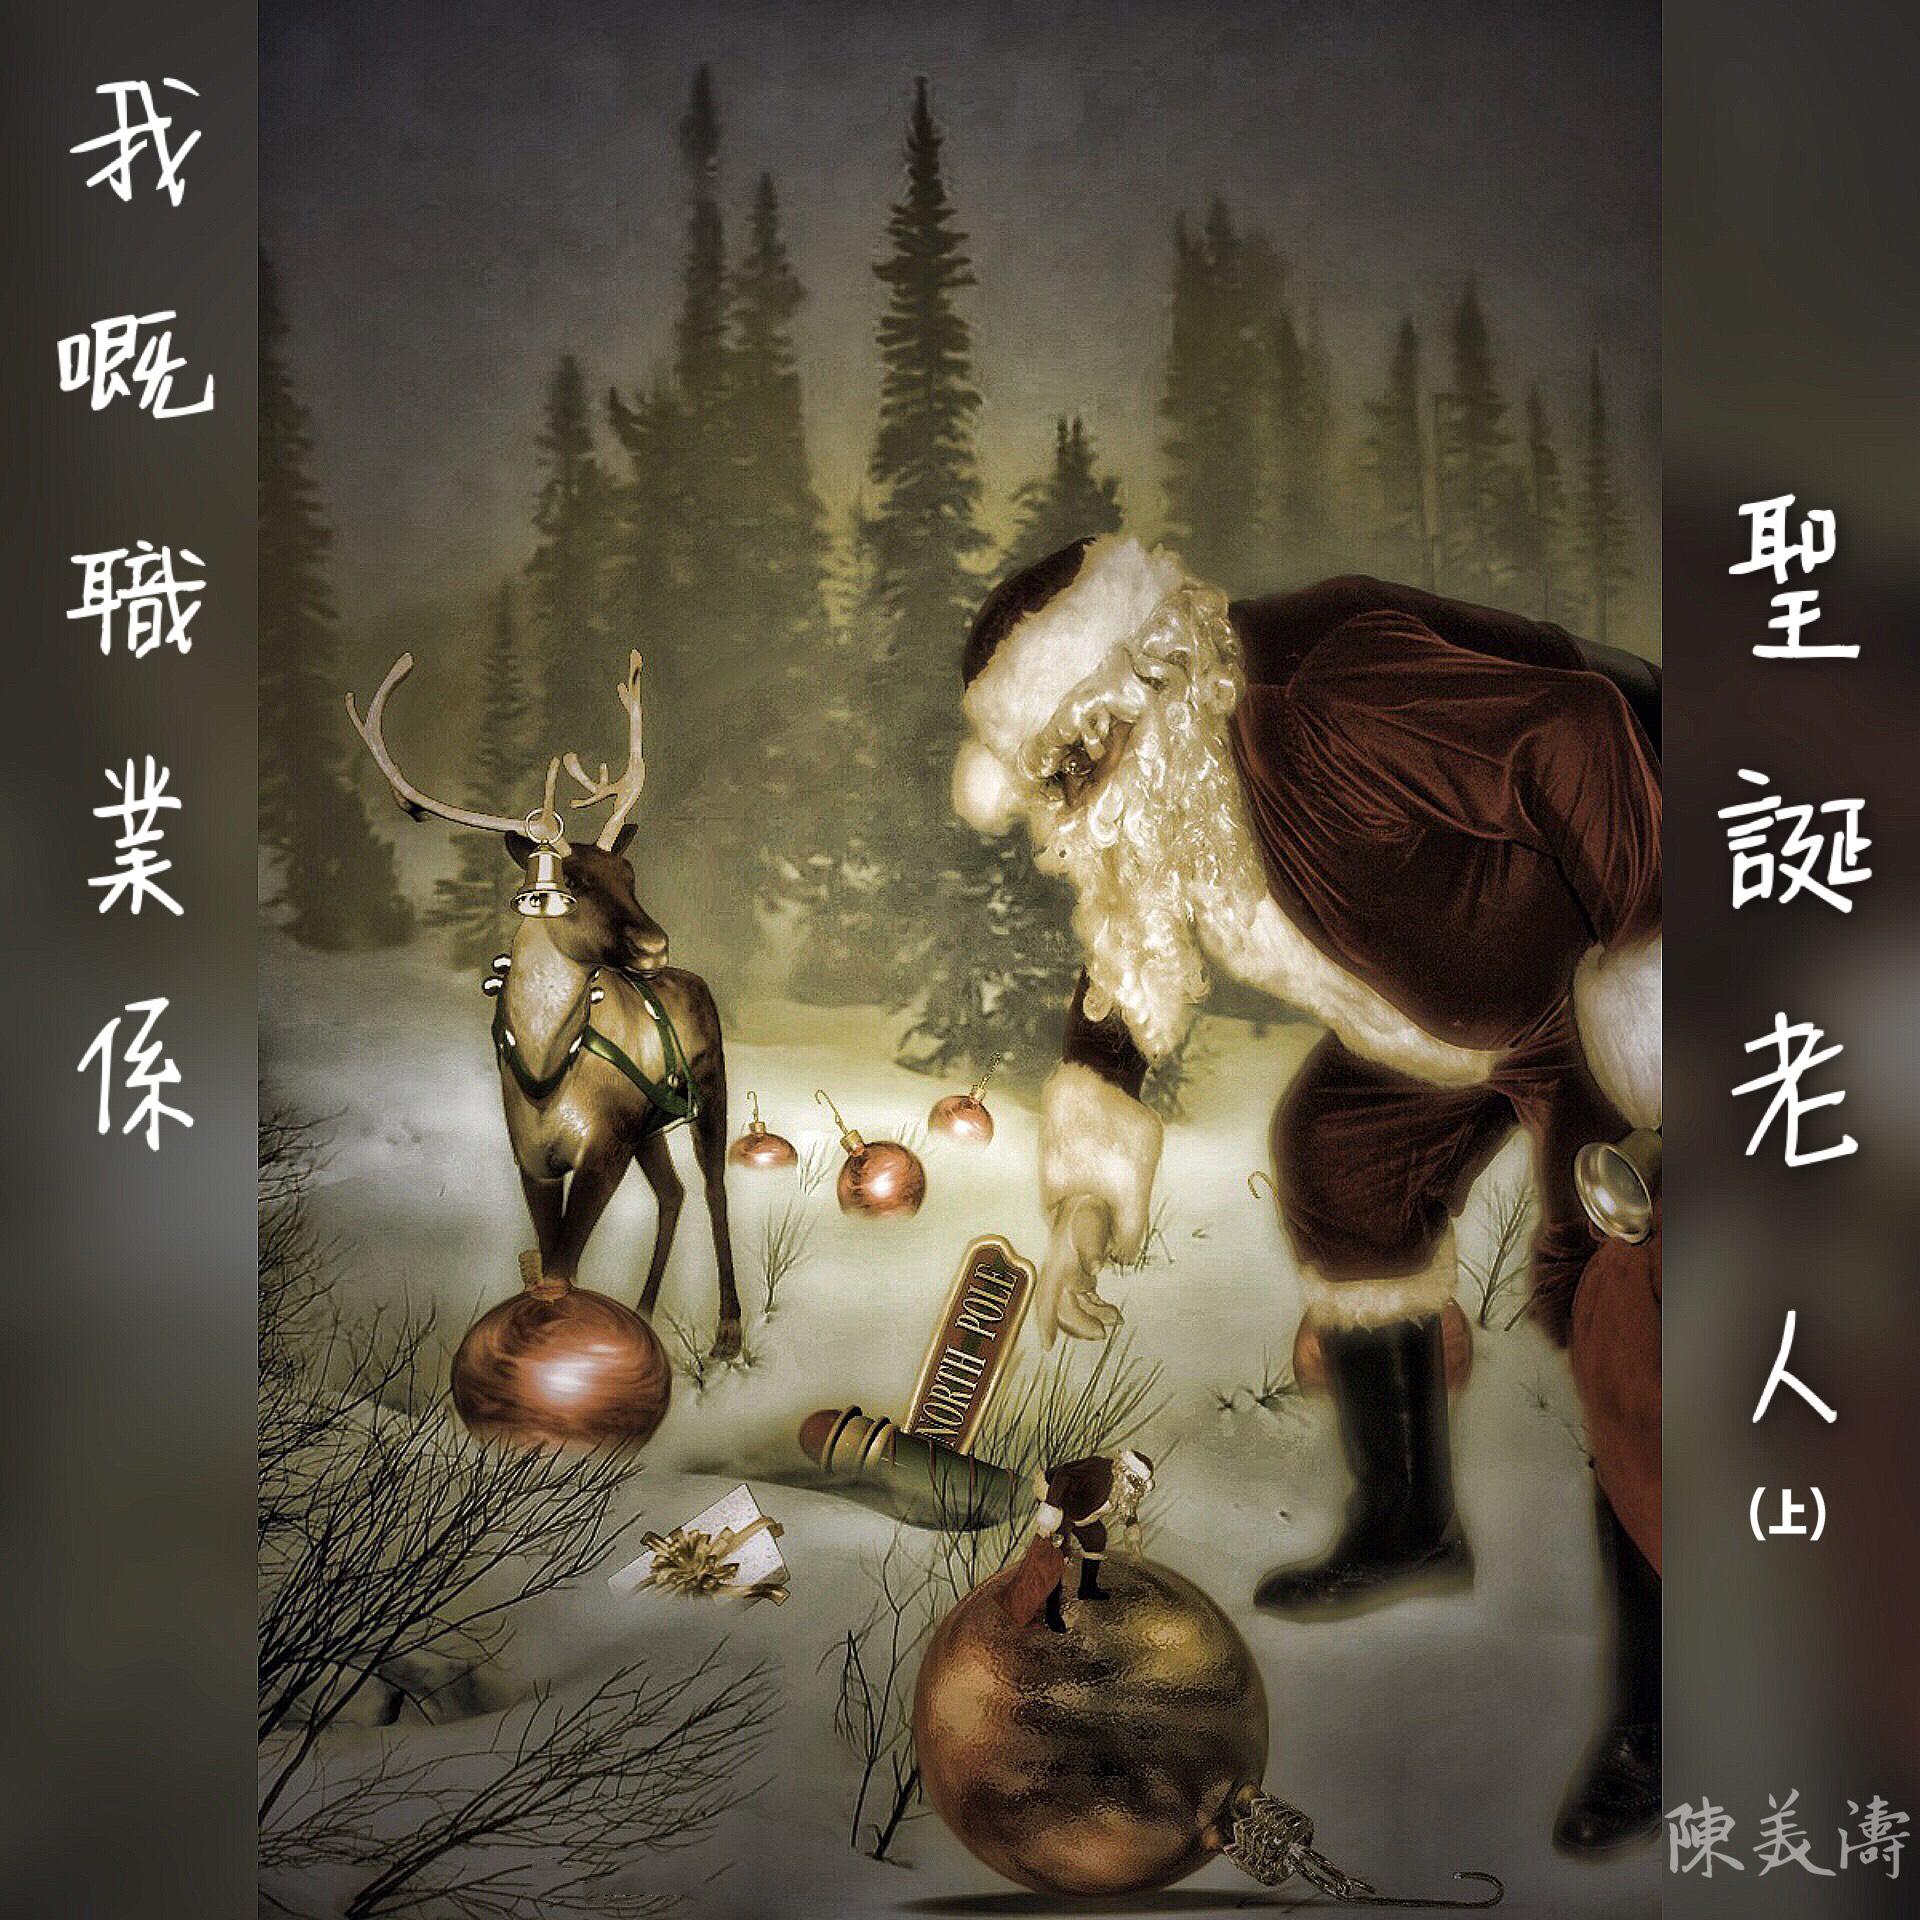 【聖誕節特獻】我嘅職業係:聖誕老人(上)